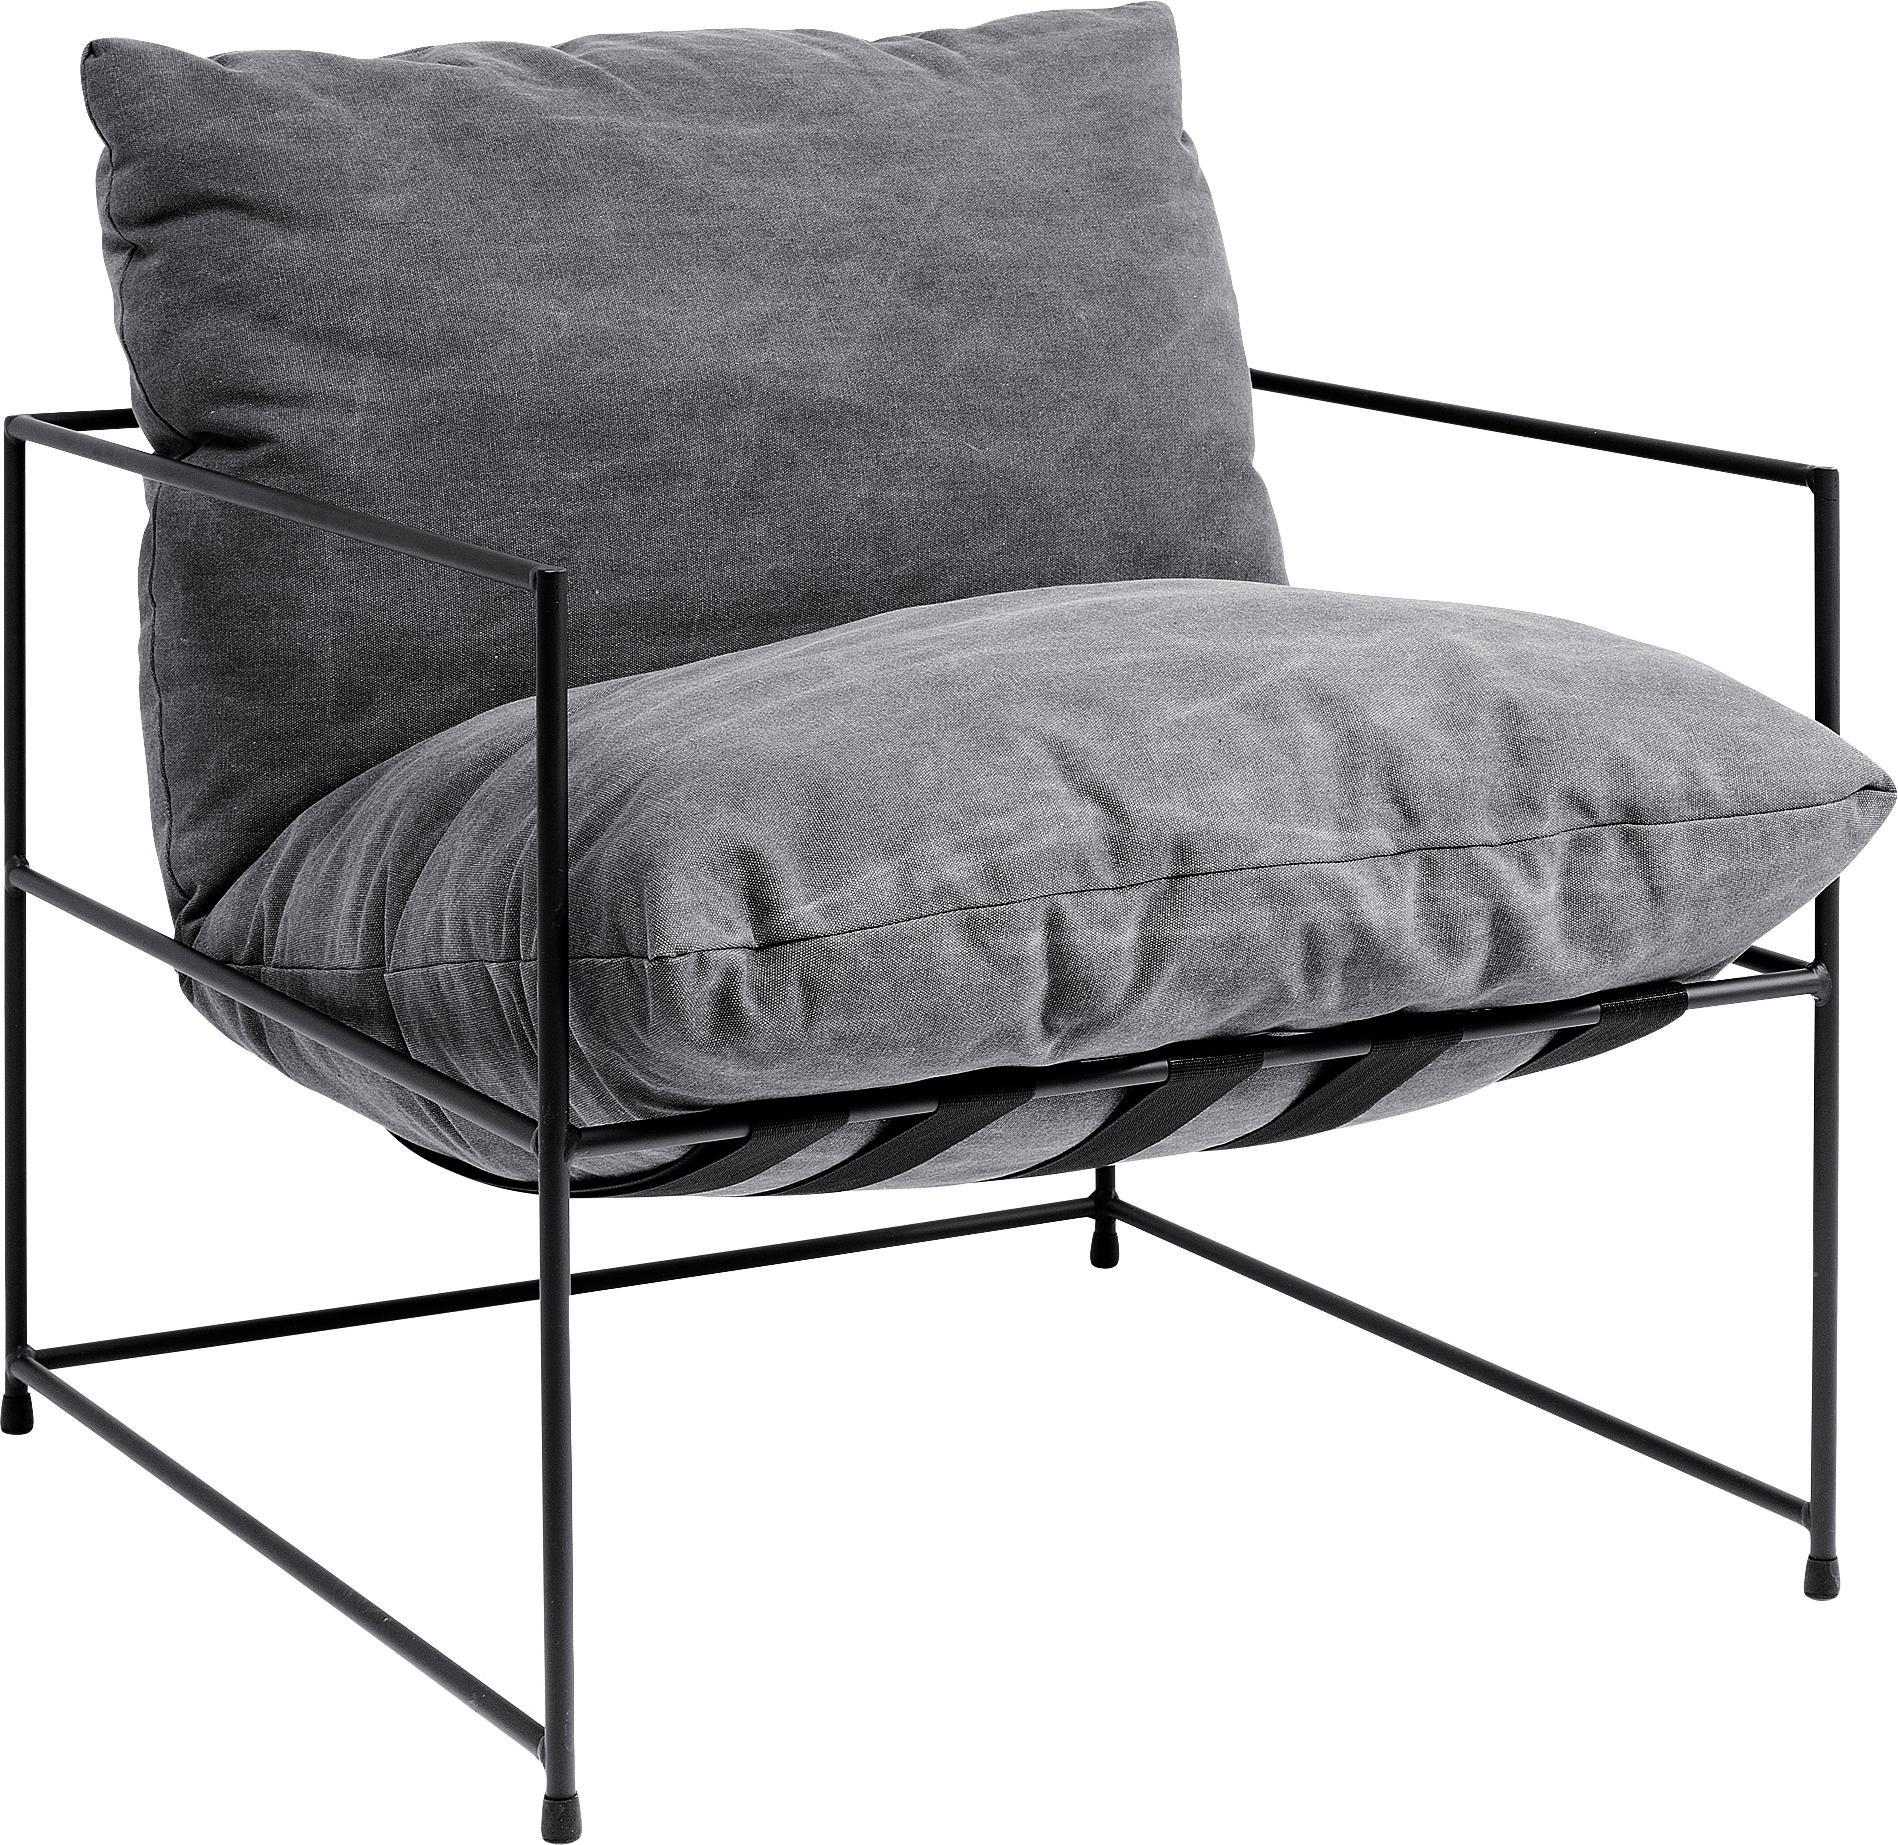 Fauteuil Cornwall, Bekleding: 85% katoen, 15% polyester, Frame: gepoedercoat staal, Riemen: rubber, Geweven stof grijs, B 72 x D 75 cm